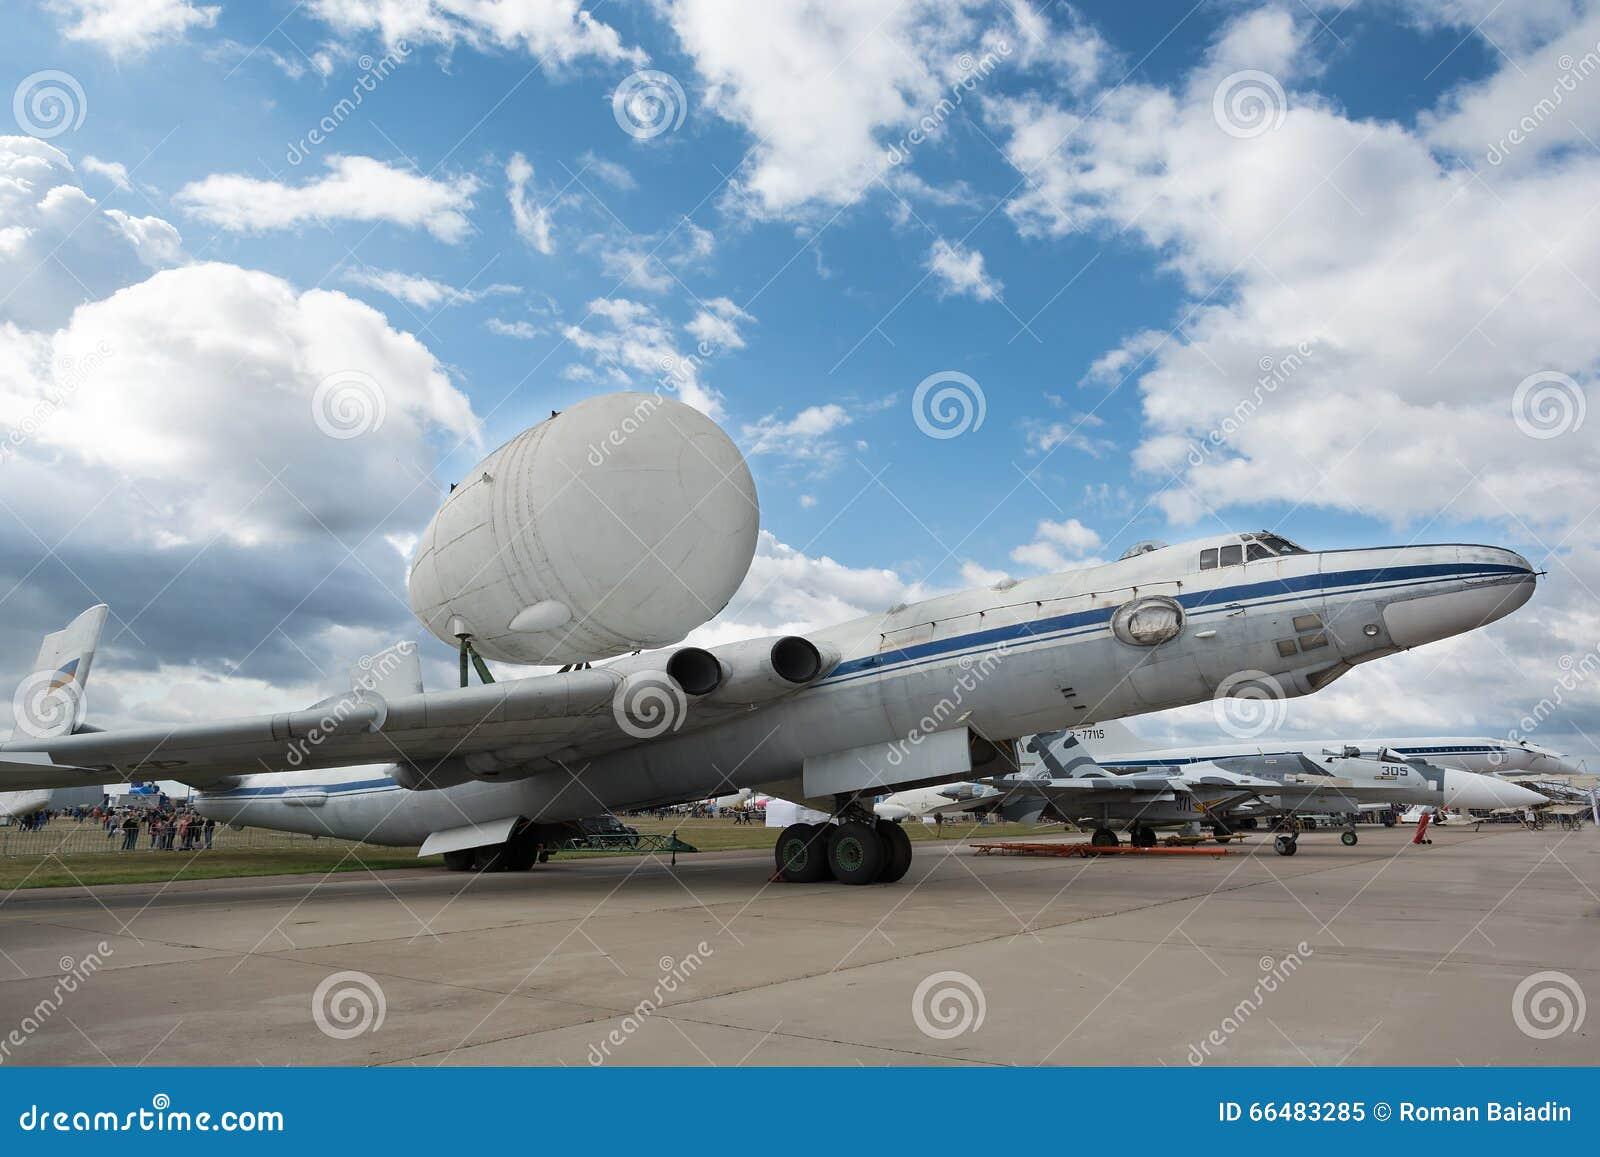 Antonov An124 Russian Cargo Aircraft